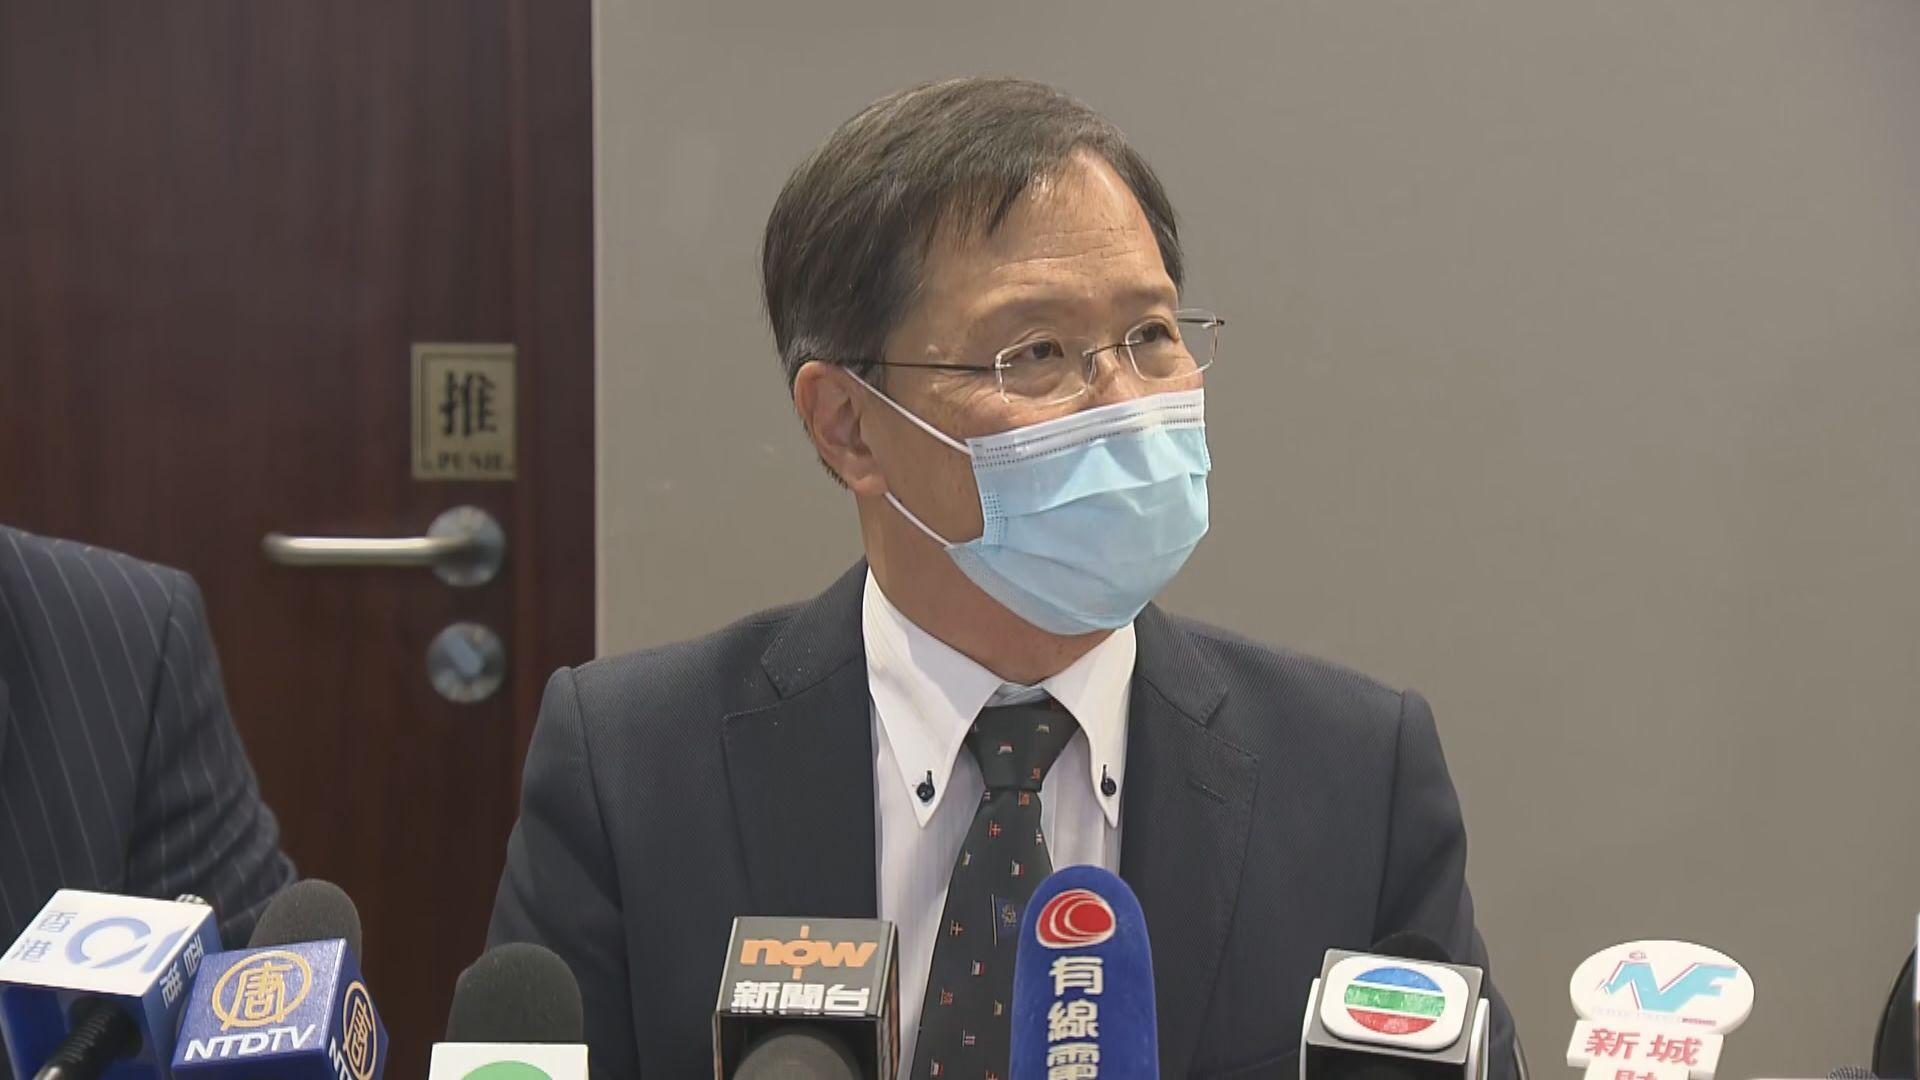 警察隊員佐級協會投訴郭家麒涉專業失德 郭:公道自在人心